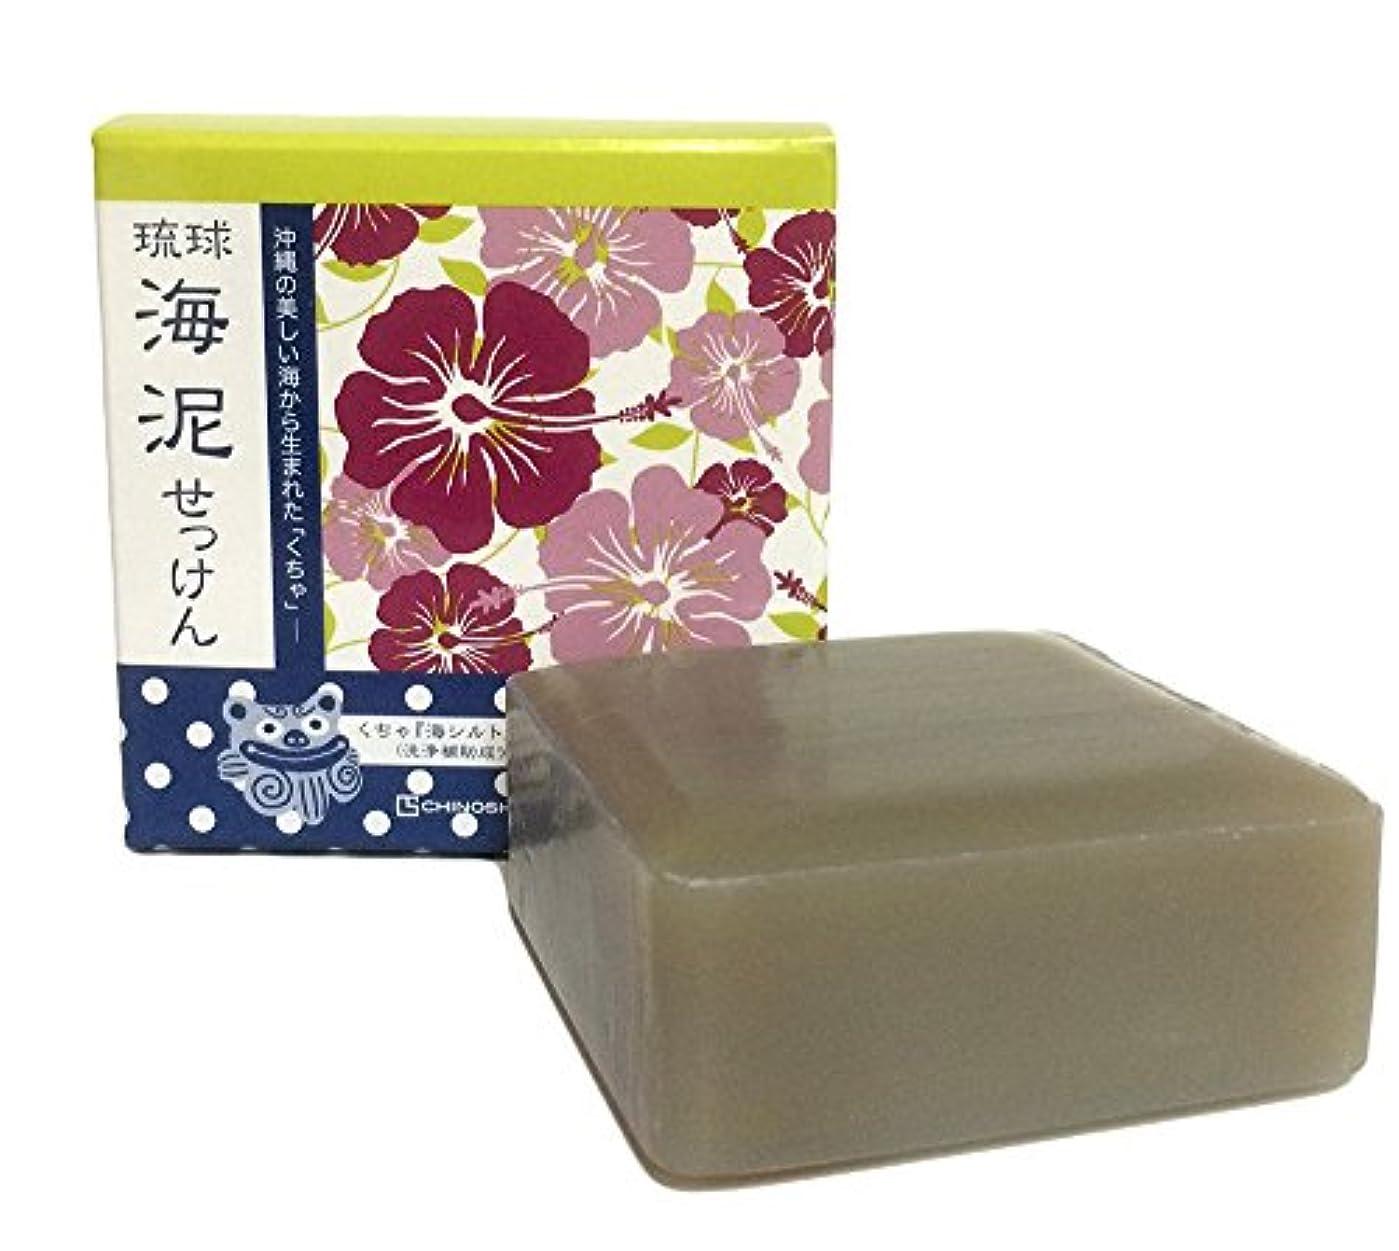 絶対に飾るハンカチ琉球海泥せっけん(クレイソープKD)1個入